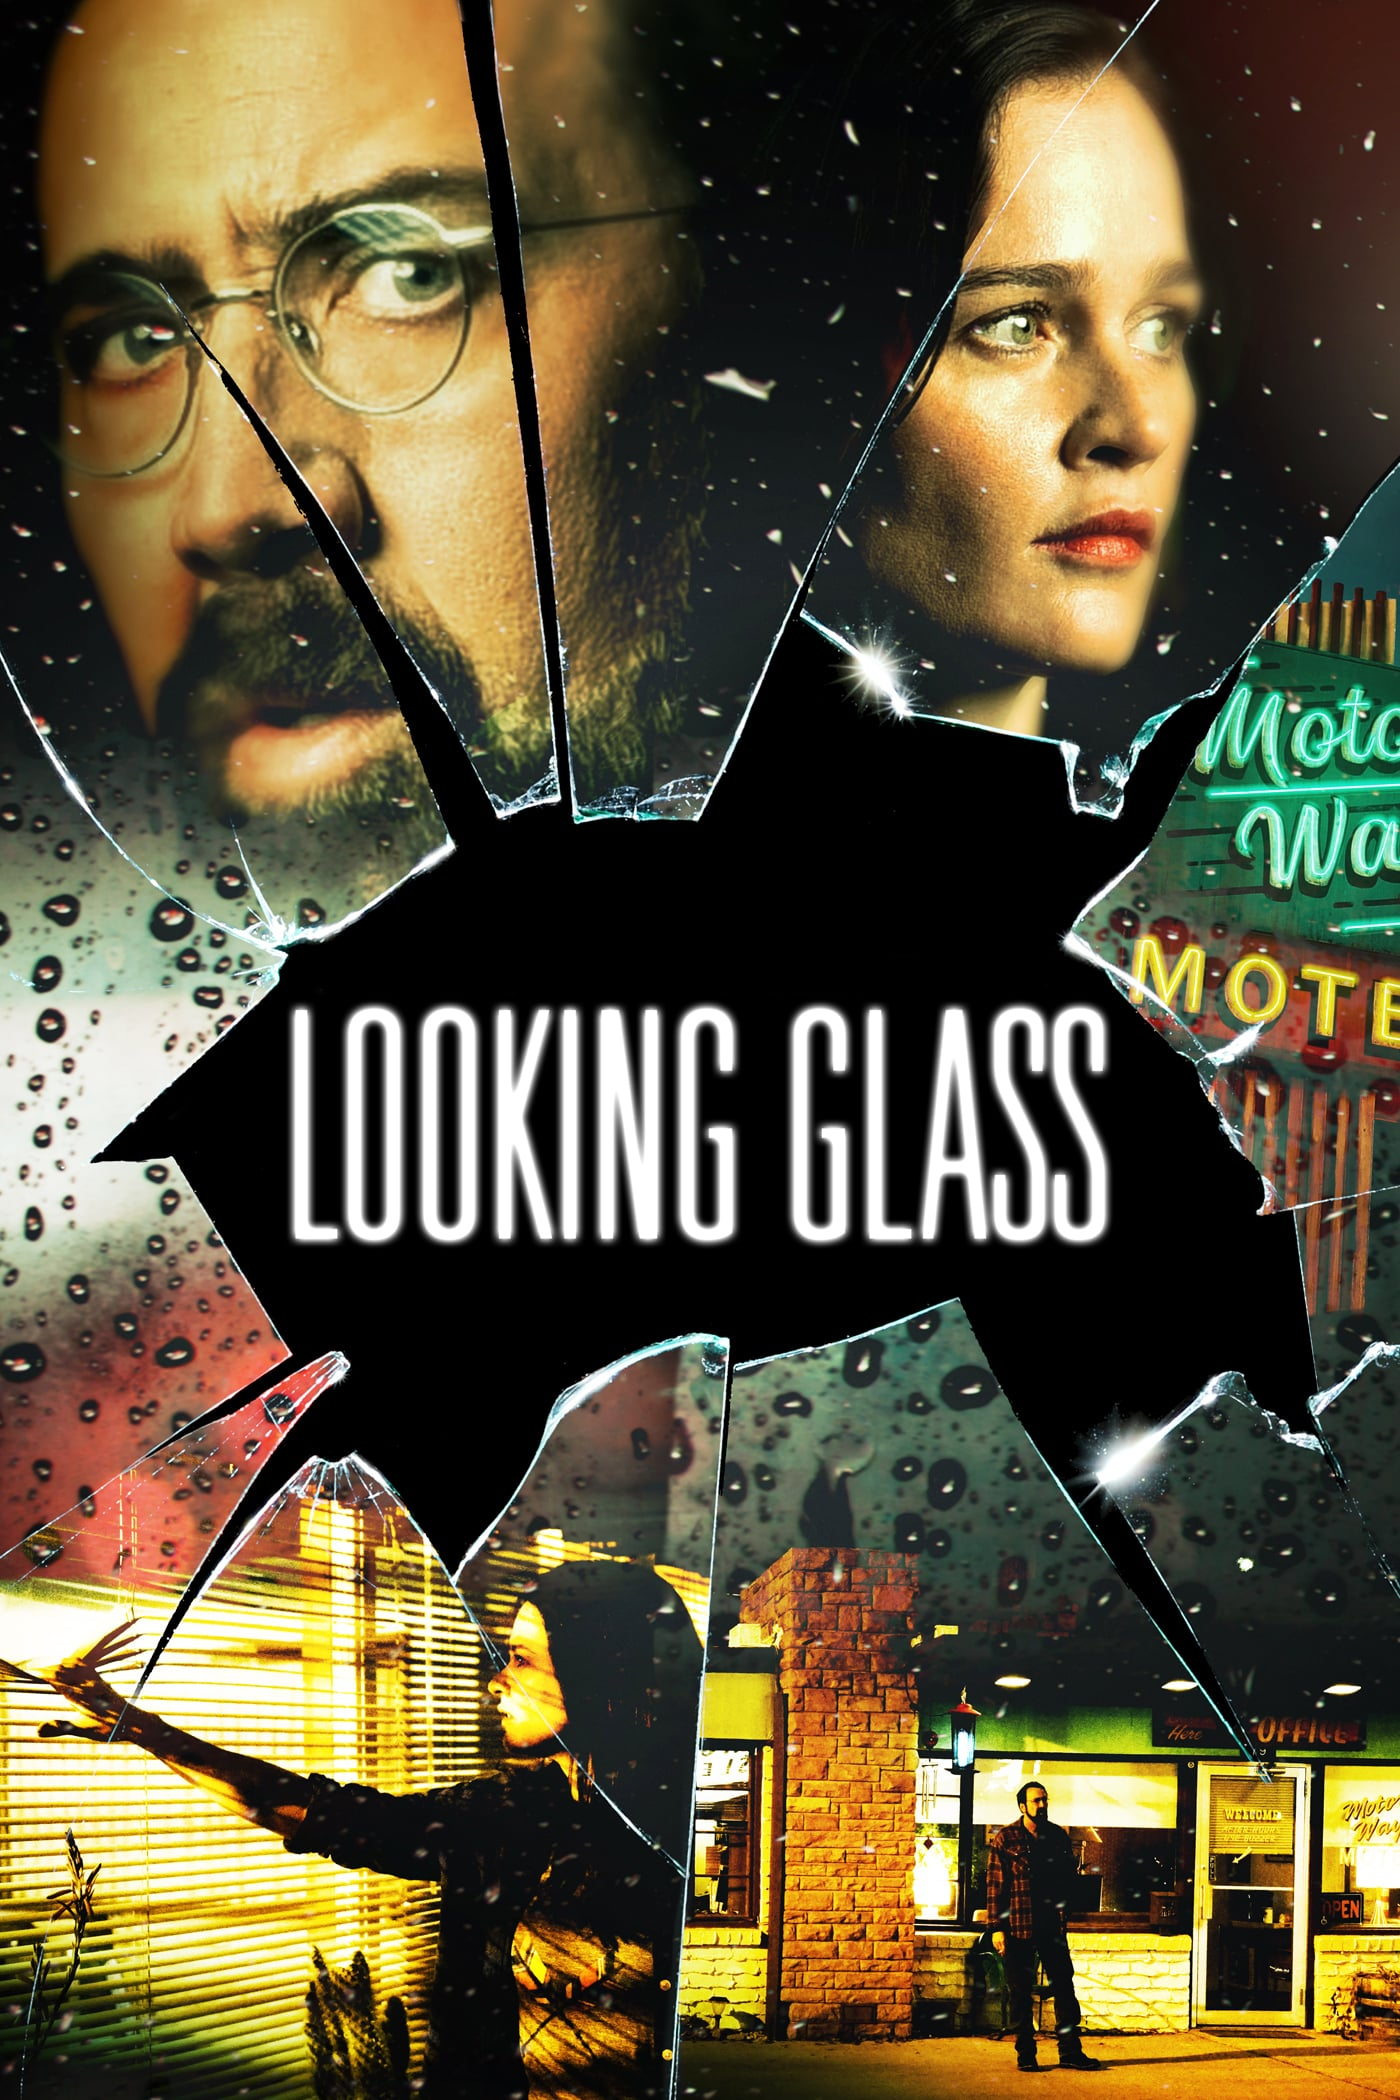 دانلود فیلم Looking Glass 2018 با دوبله فارسی